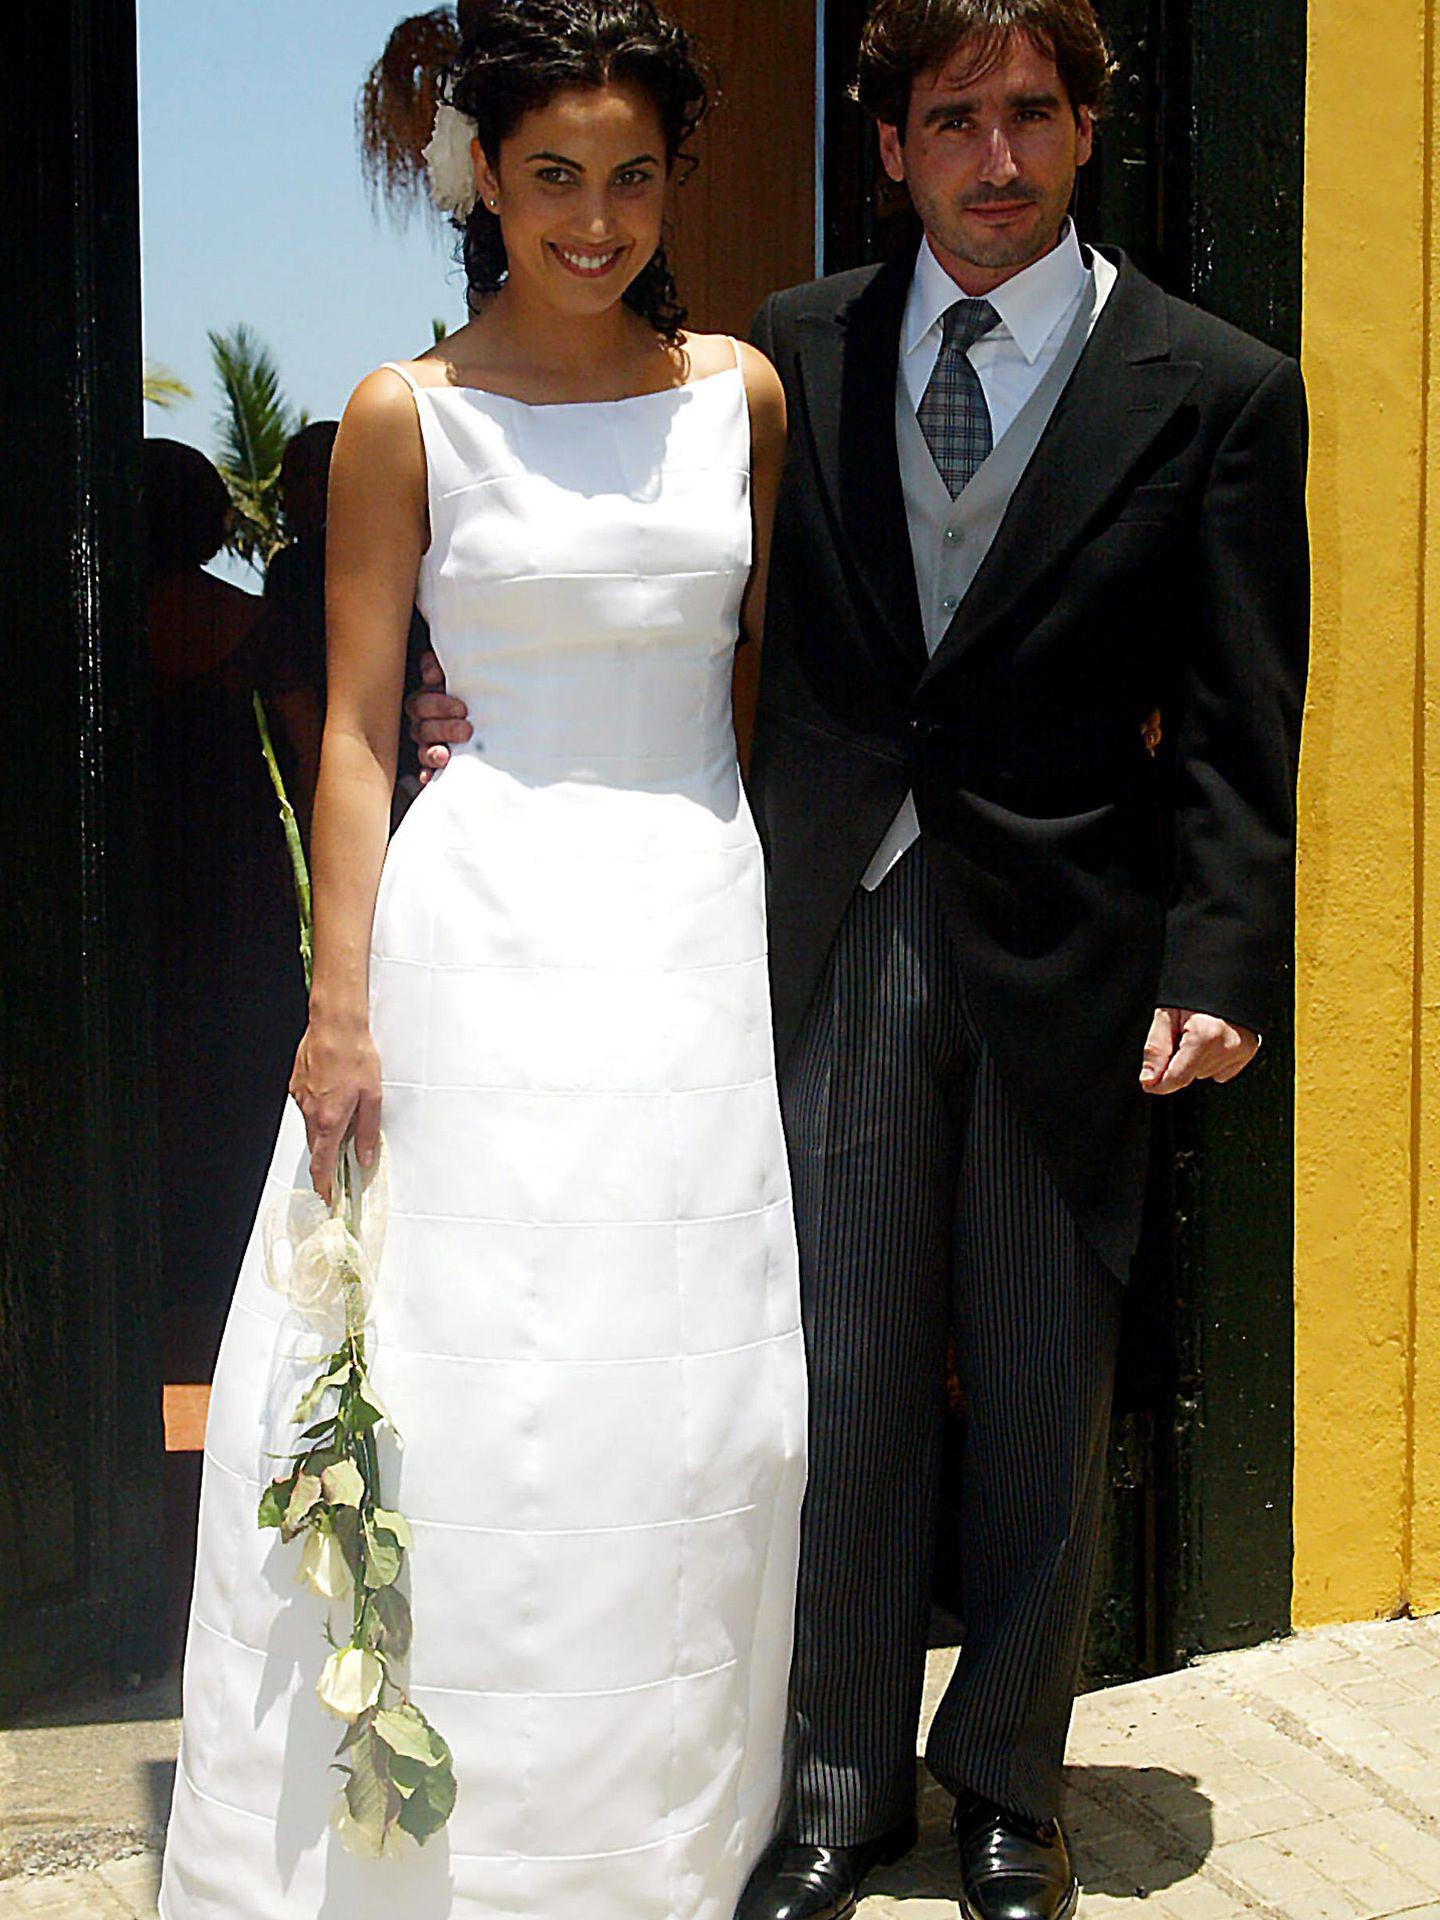 Jacobo Martos y Toni Acosta el día de su boda en Tenerife (2002)